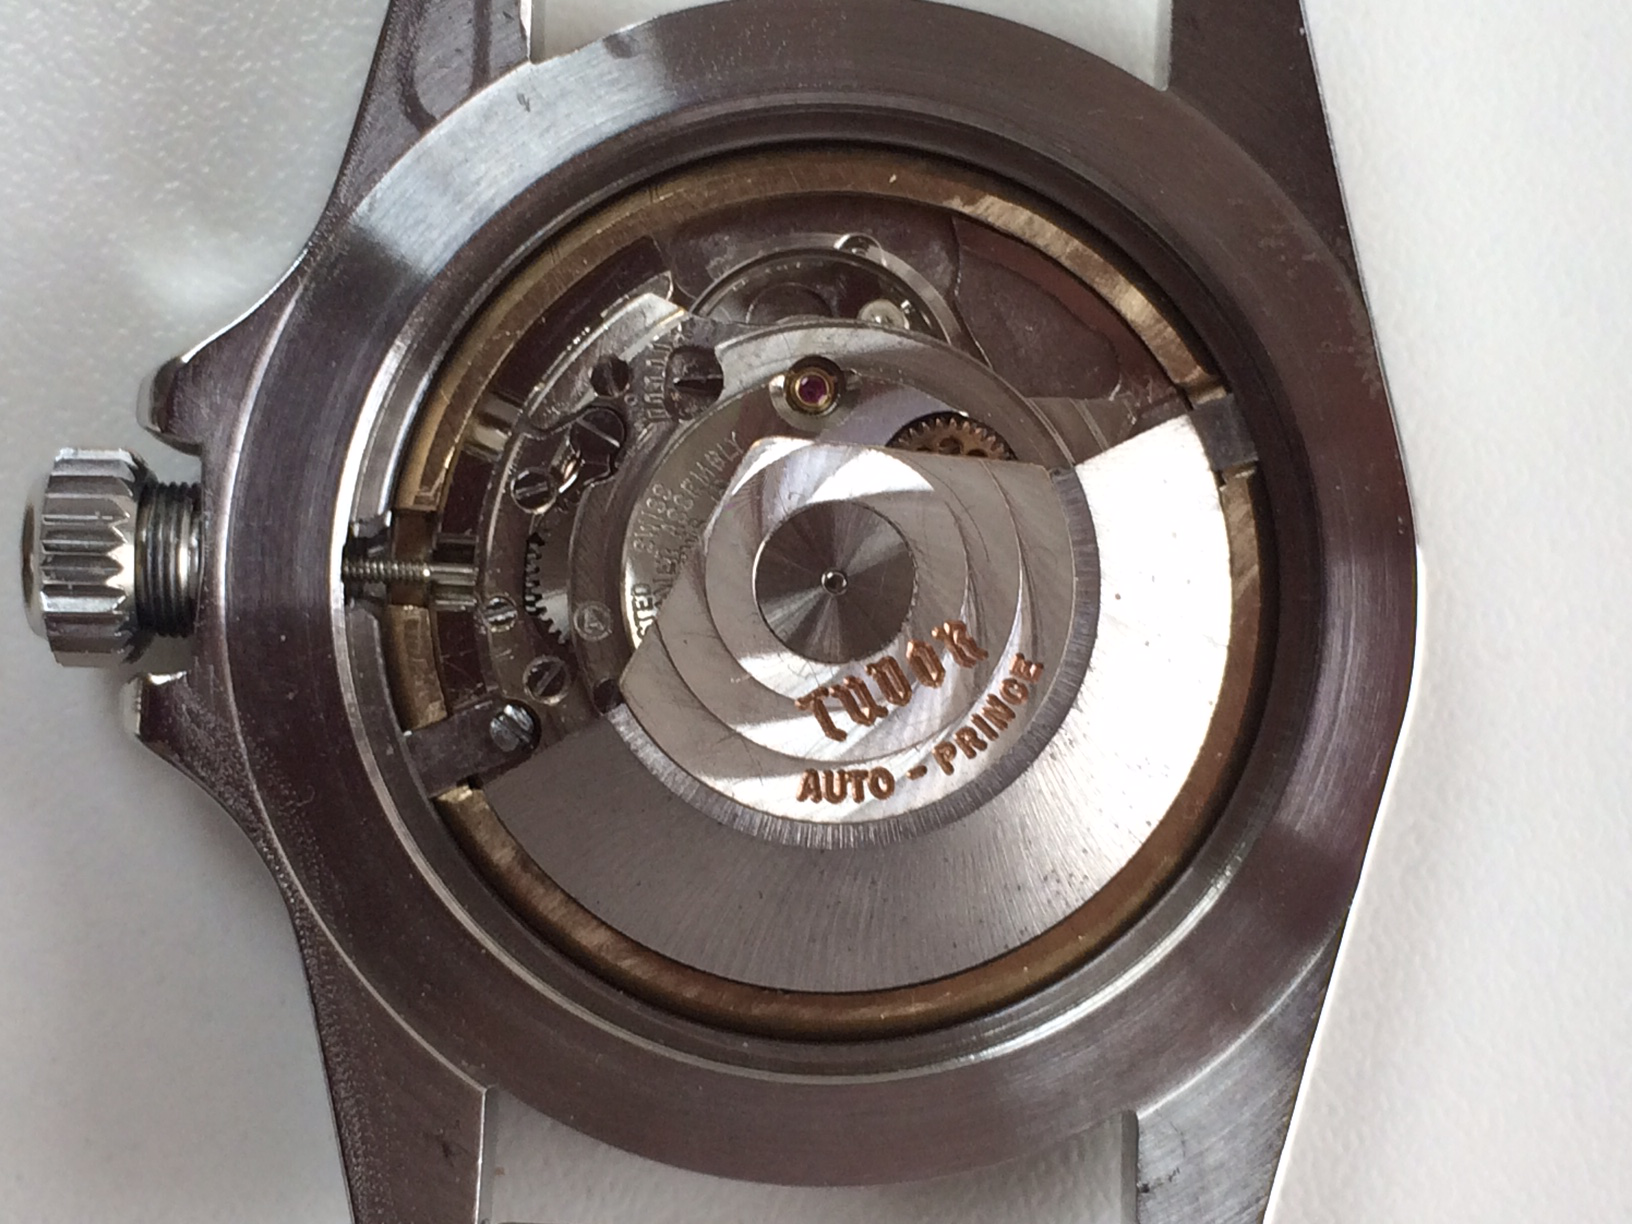 Κατασκευή – Tudor 7016 snowflake - Ιδιοκατασκευές